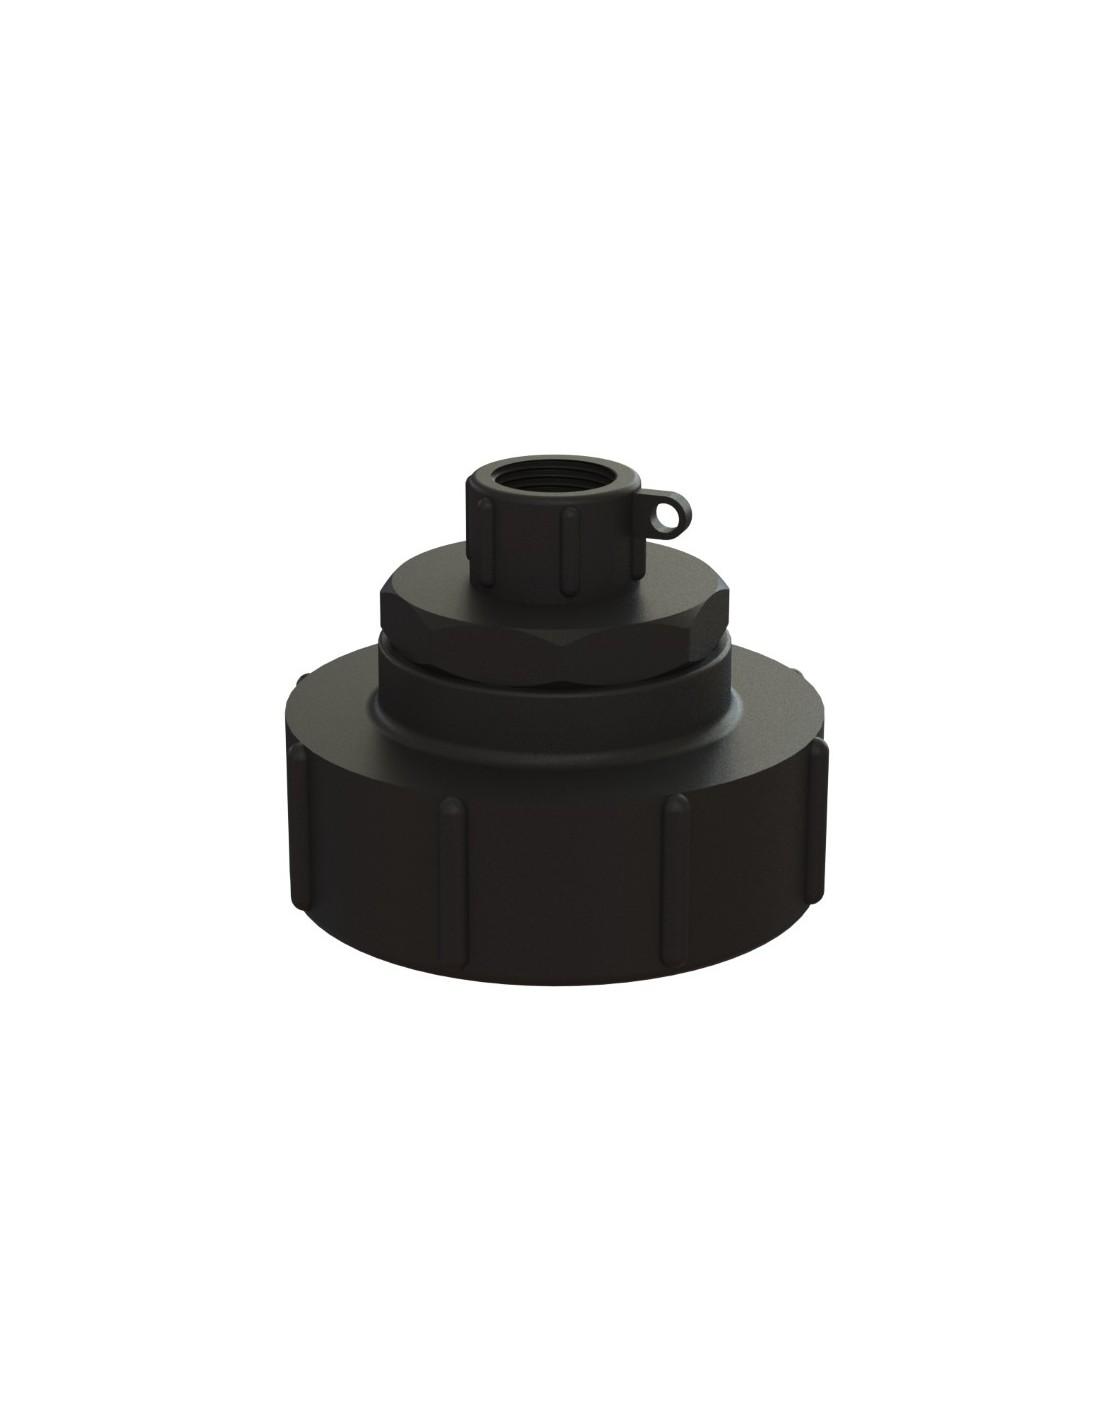 adaptateur changement de pas f 3 s100x8 f 3 4 pas gaz sas axesspack. Black Bedroom Furniture Sets. Home Design Ideas